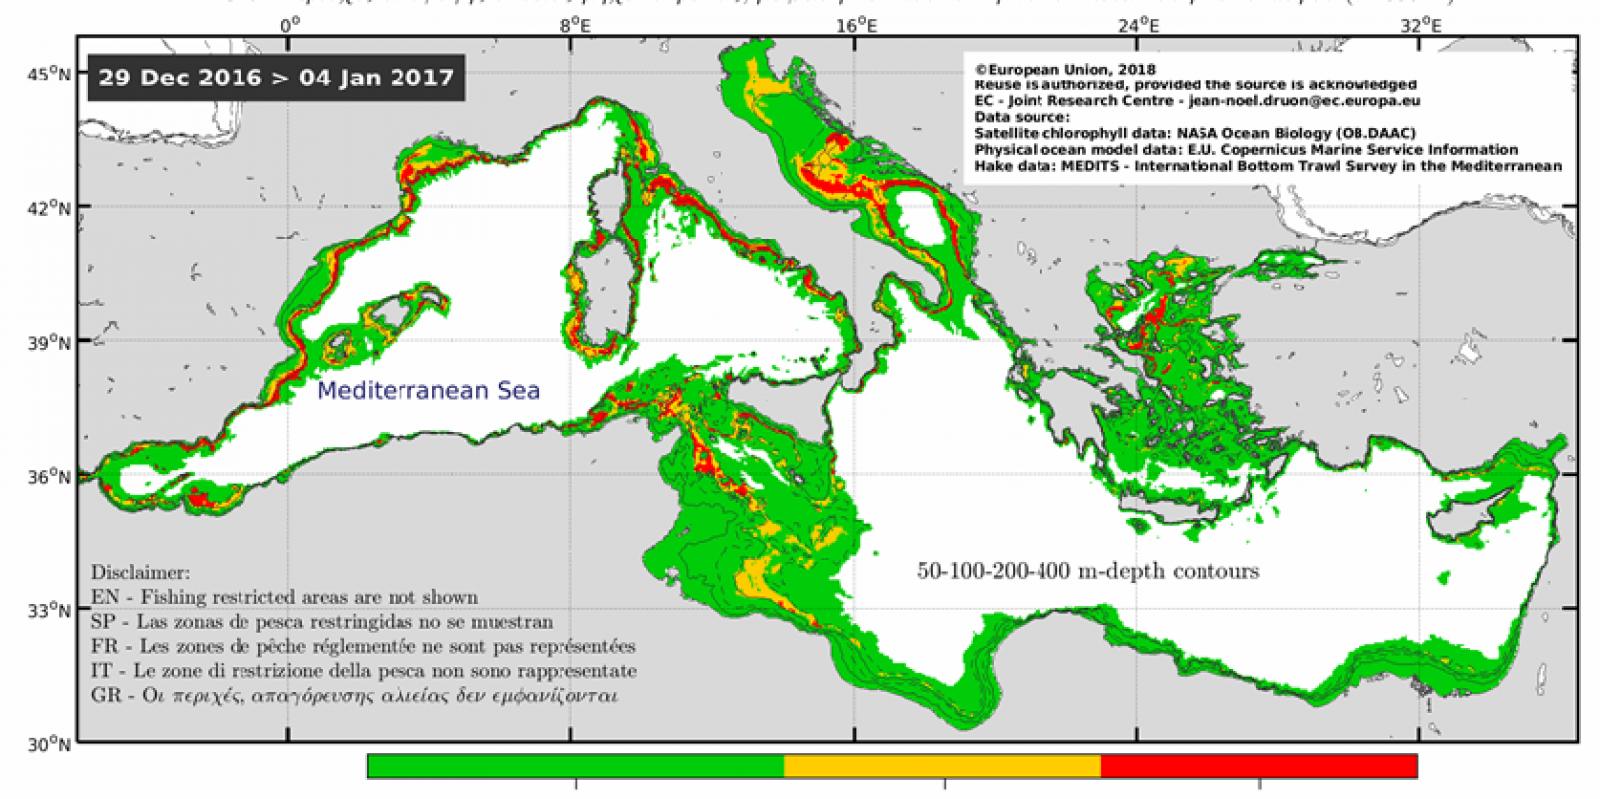 Monitoratge internacional sobre arrossegament de fons a la Mediterrània realizat amb satèl·lits del projecte Copèrnic